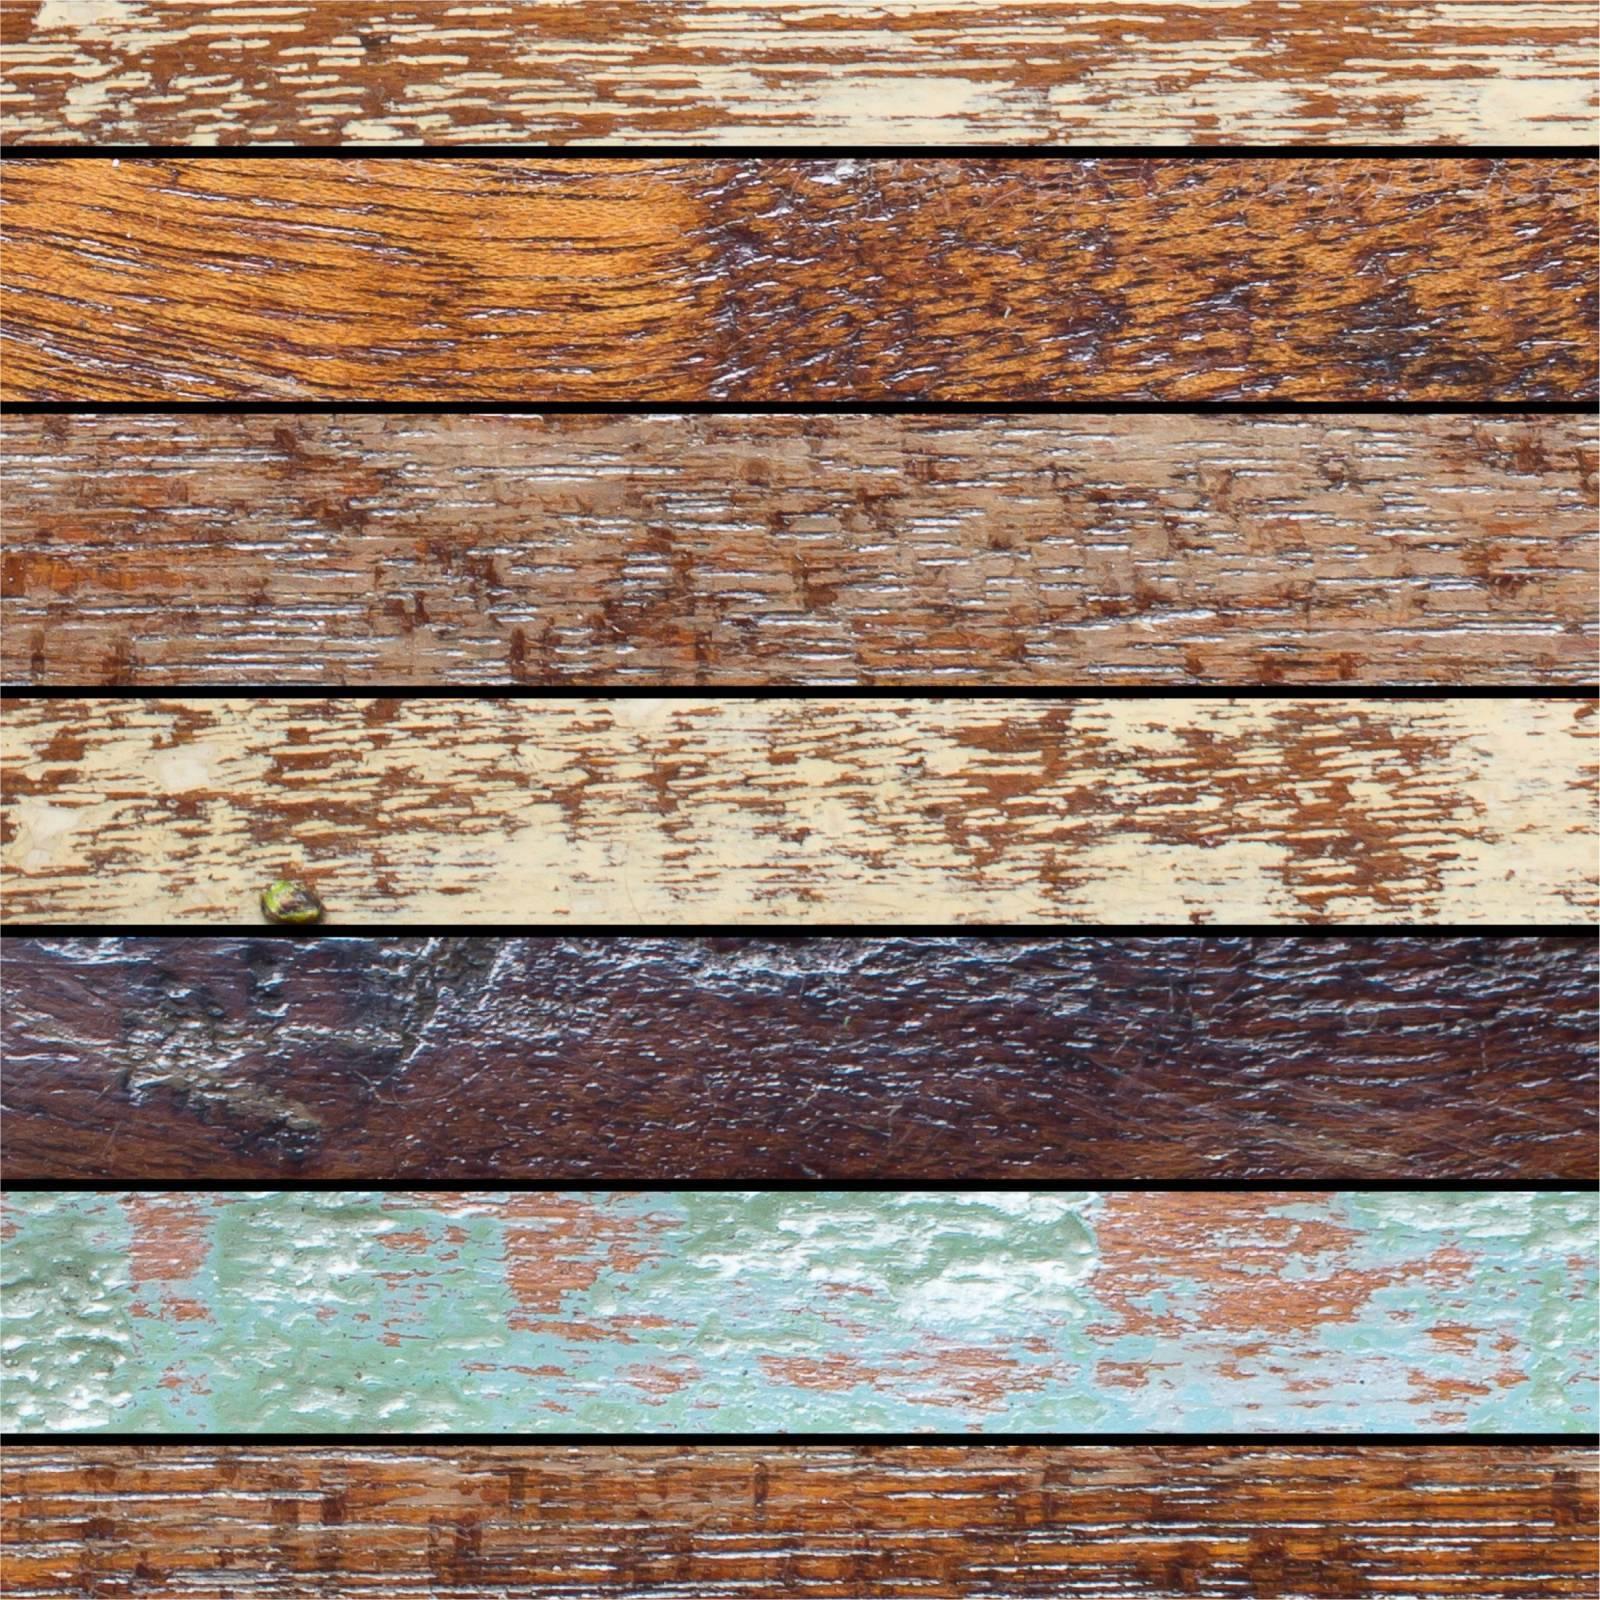 Papel de Parede Madeira de Demolição | Adesivo Vinilico imagem 1